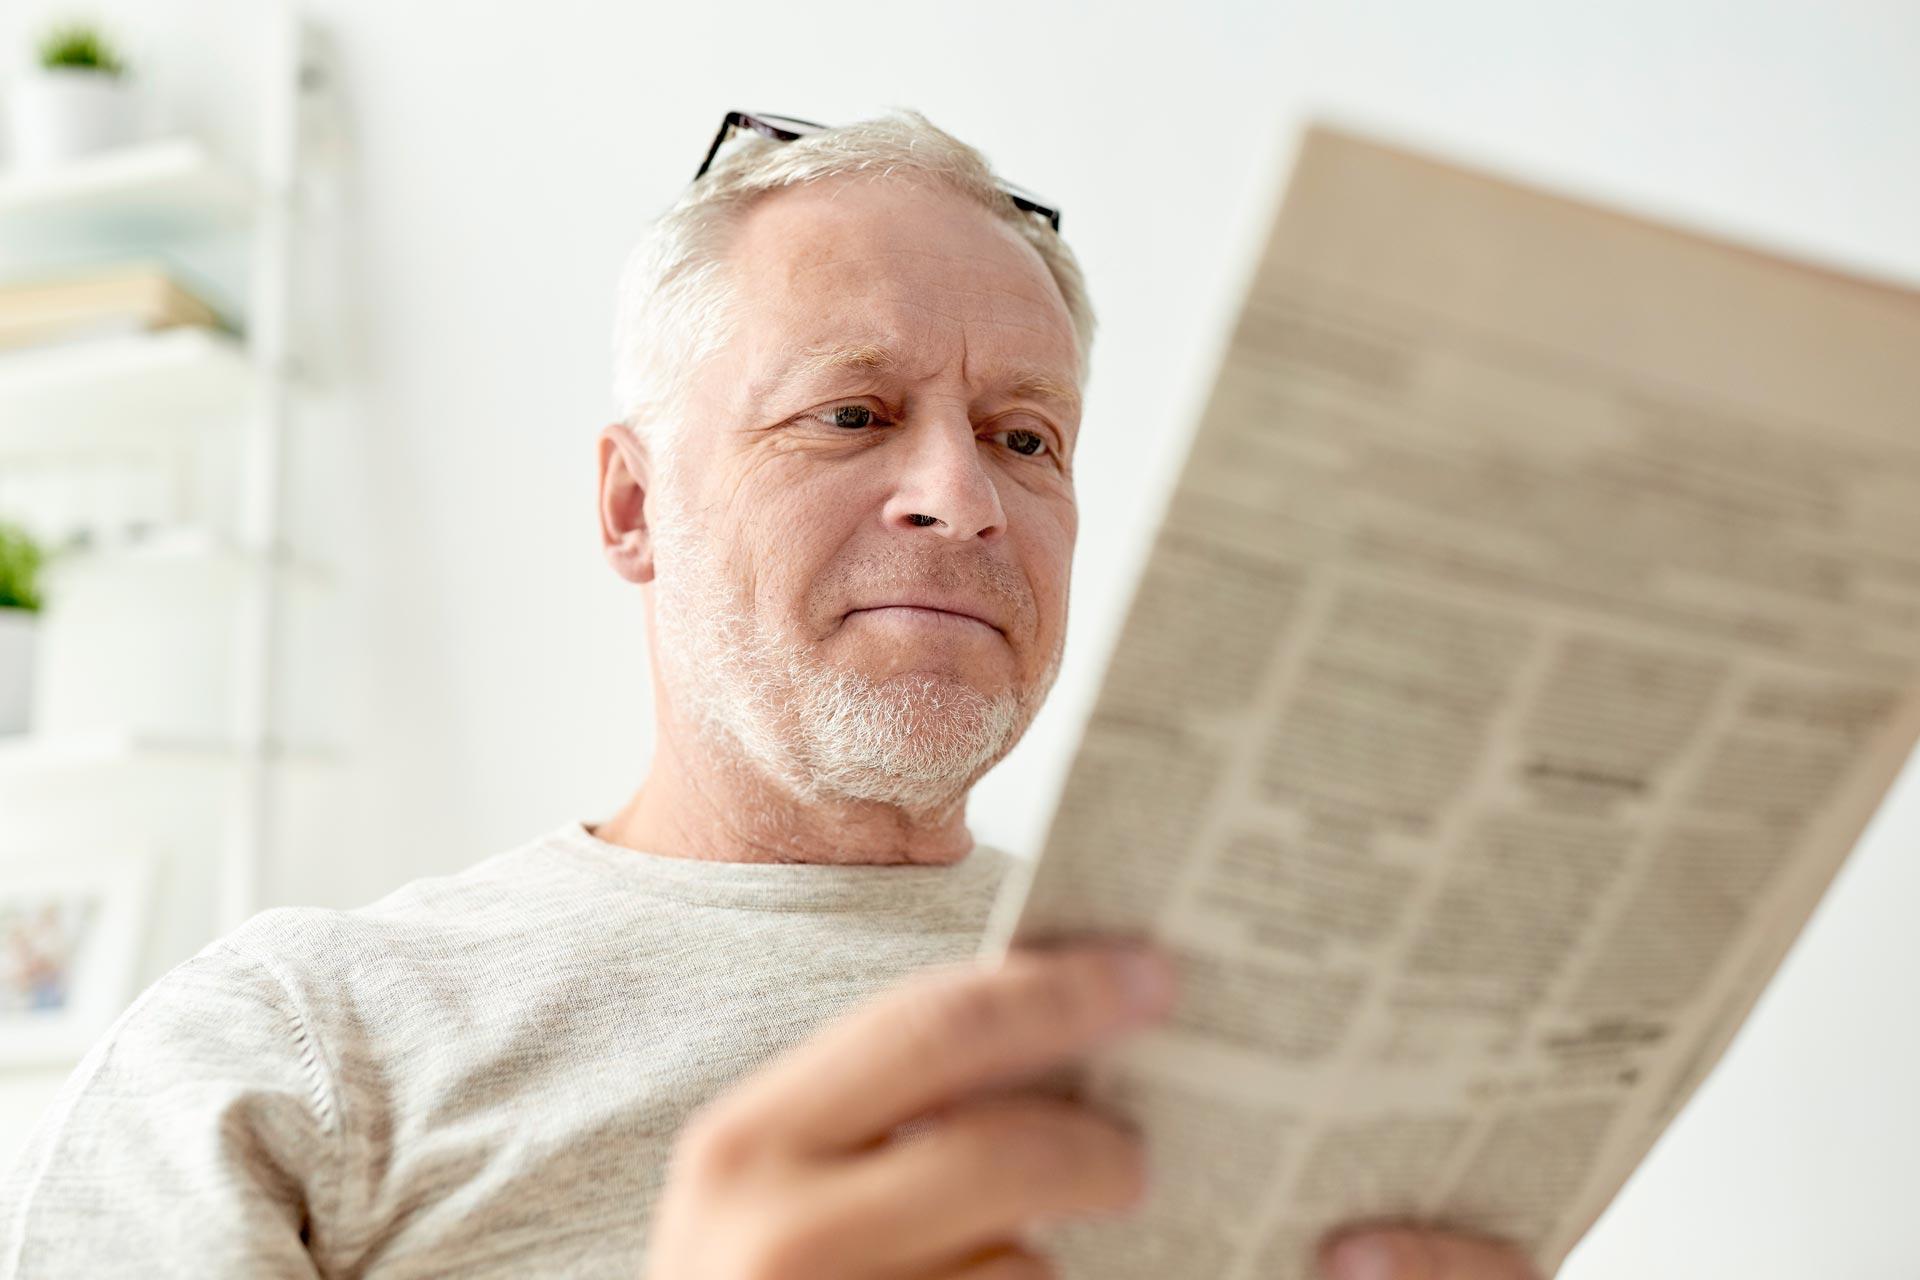 Maailma lukee ihmisen kokoisia uutisia